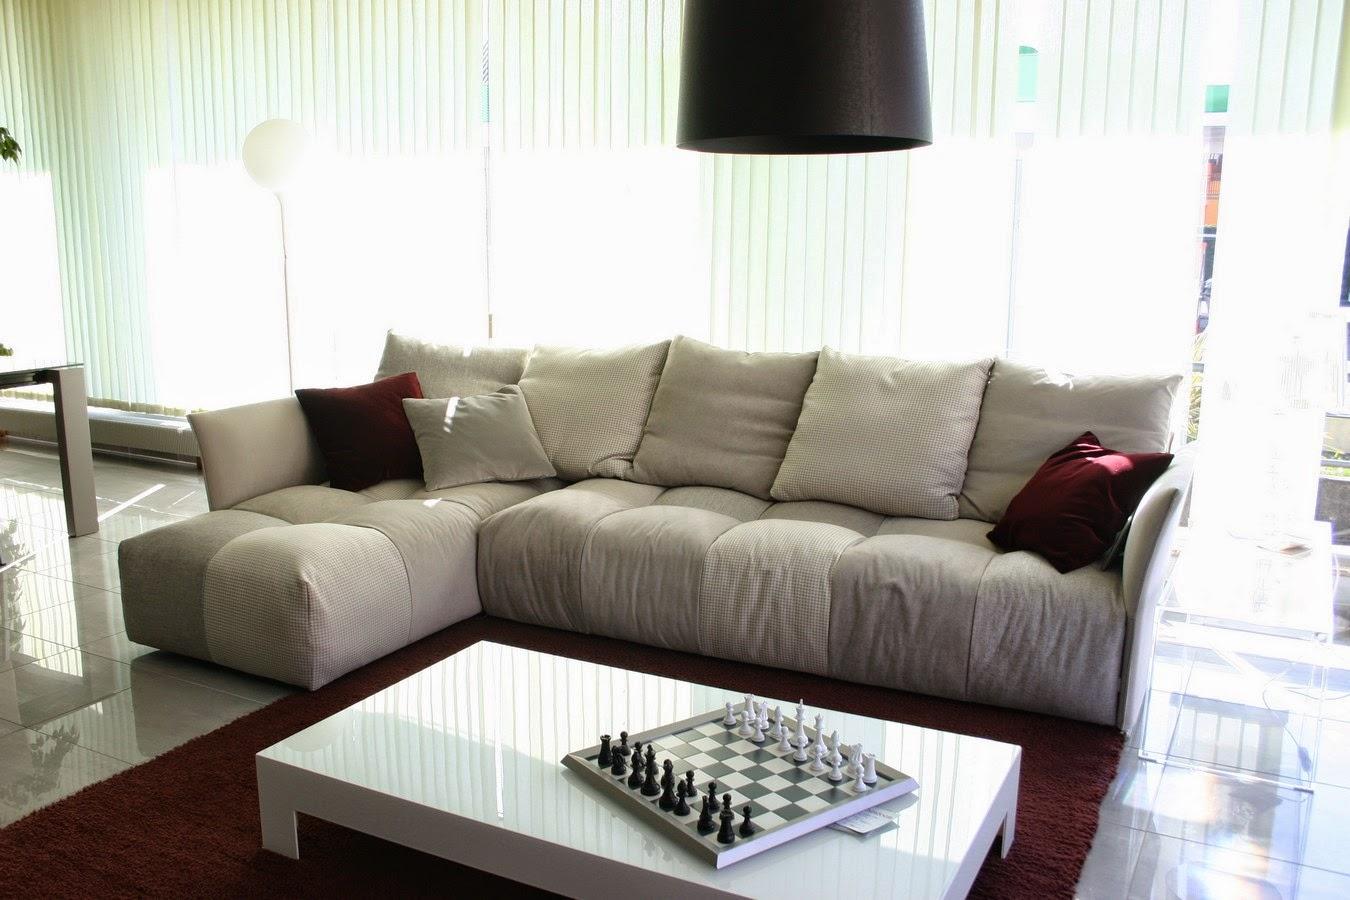 Soggiorni e salotti moderni arredo per la tua casa for Divani roma